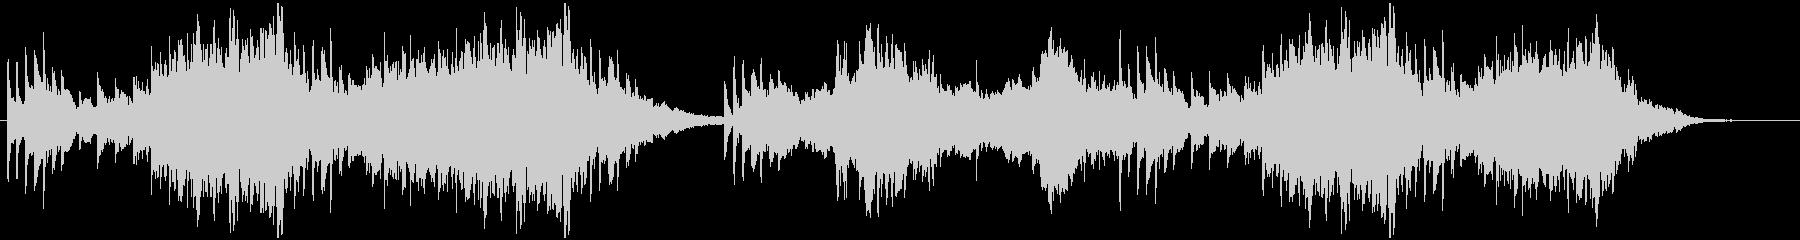 幻想的な森をイメージしたピアノ楽曲の未再生の波形